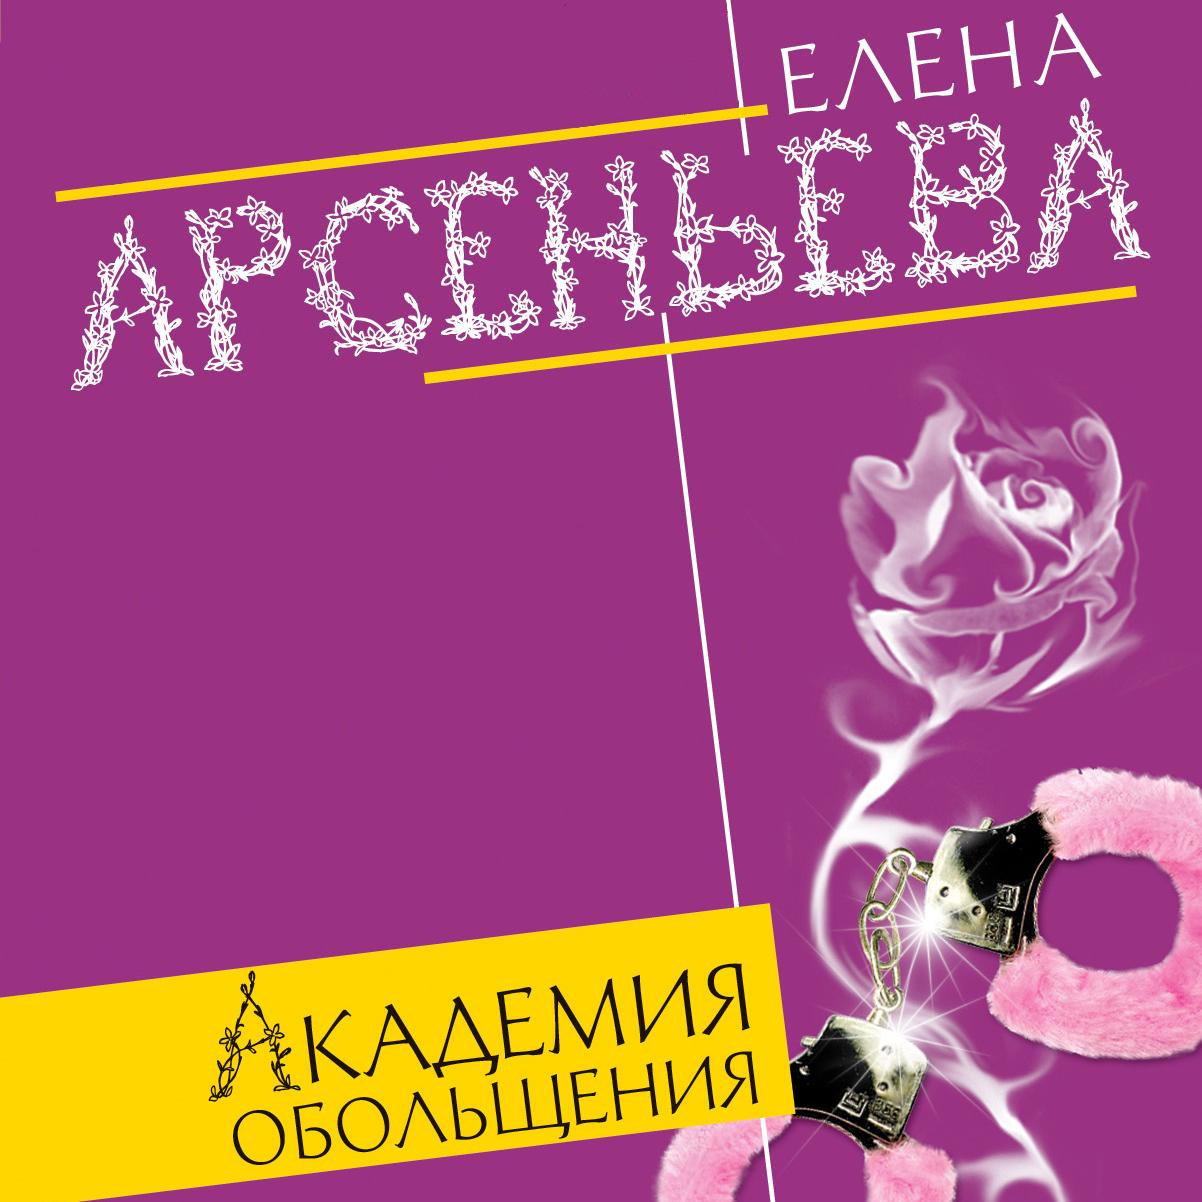 Елена Арсеньева Академия обольщения